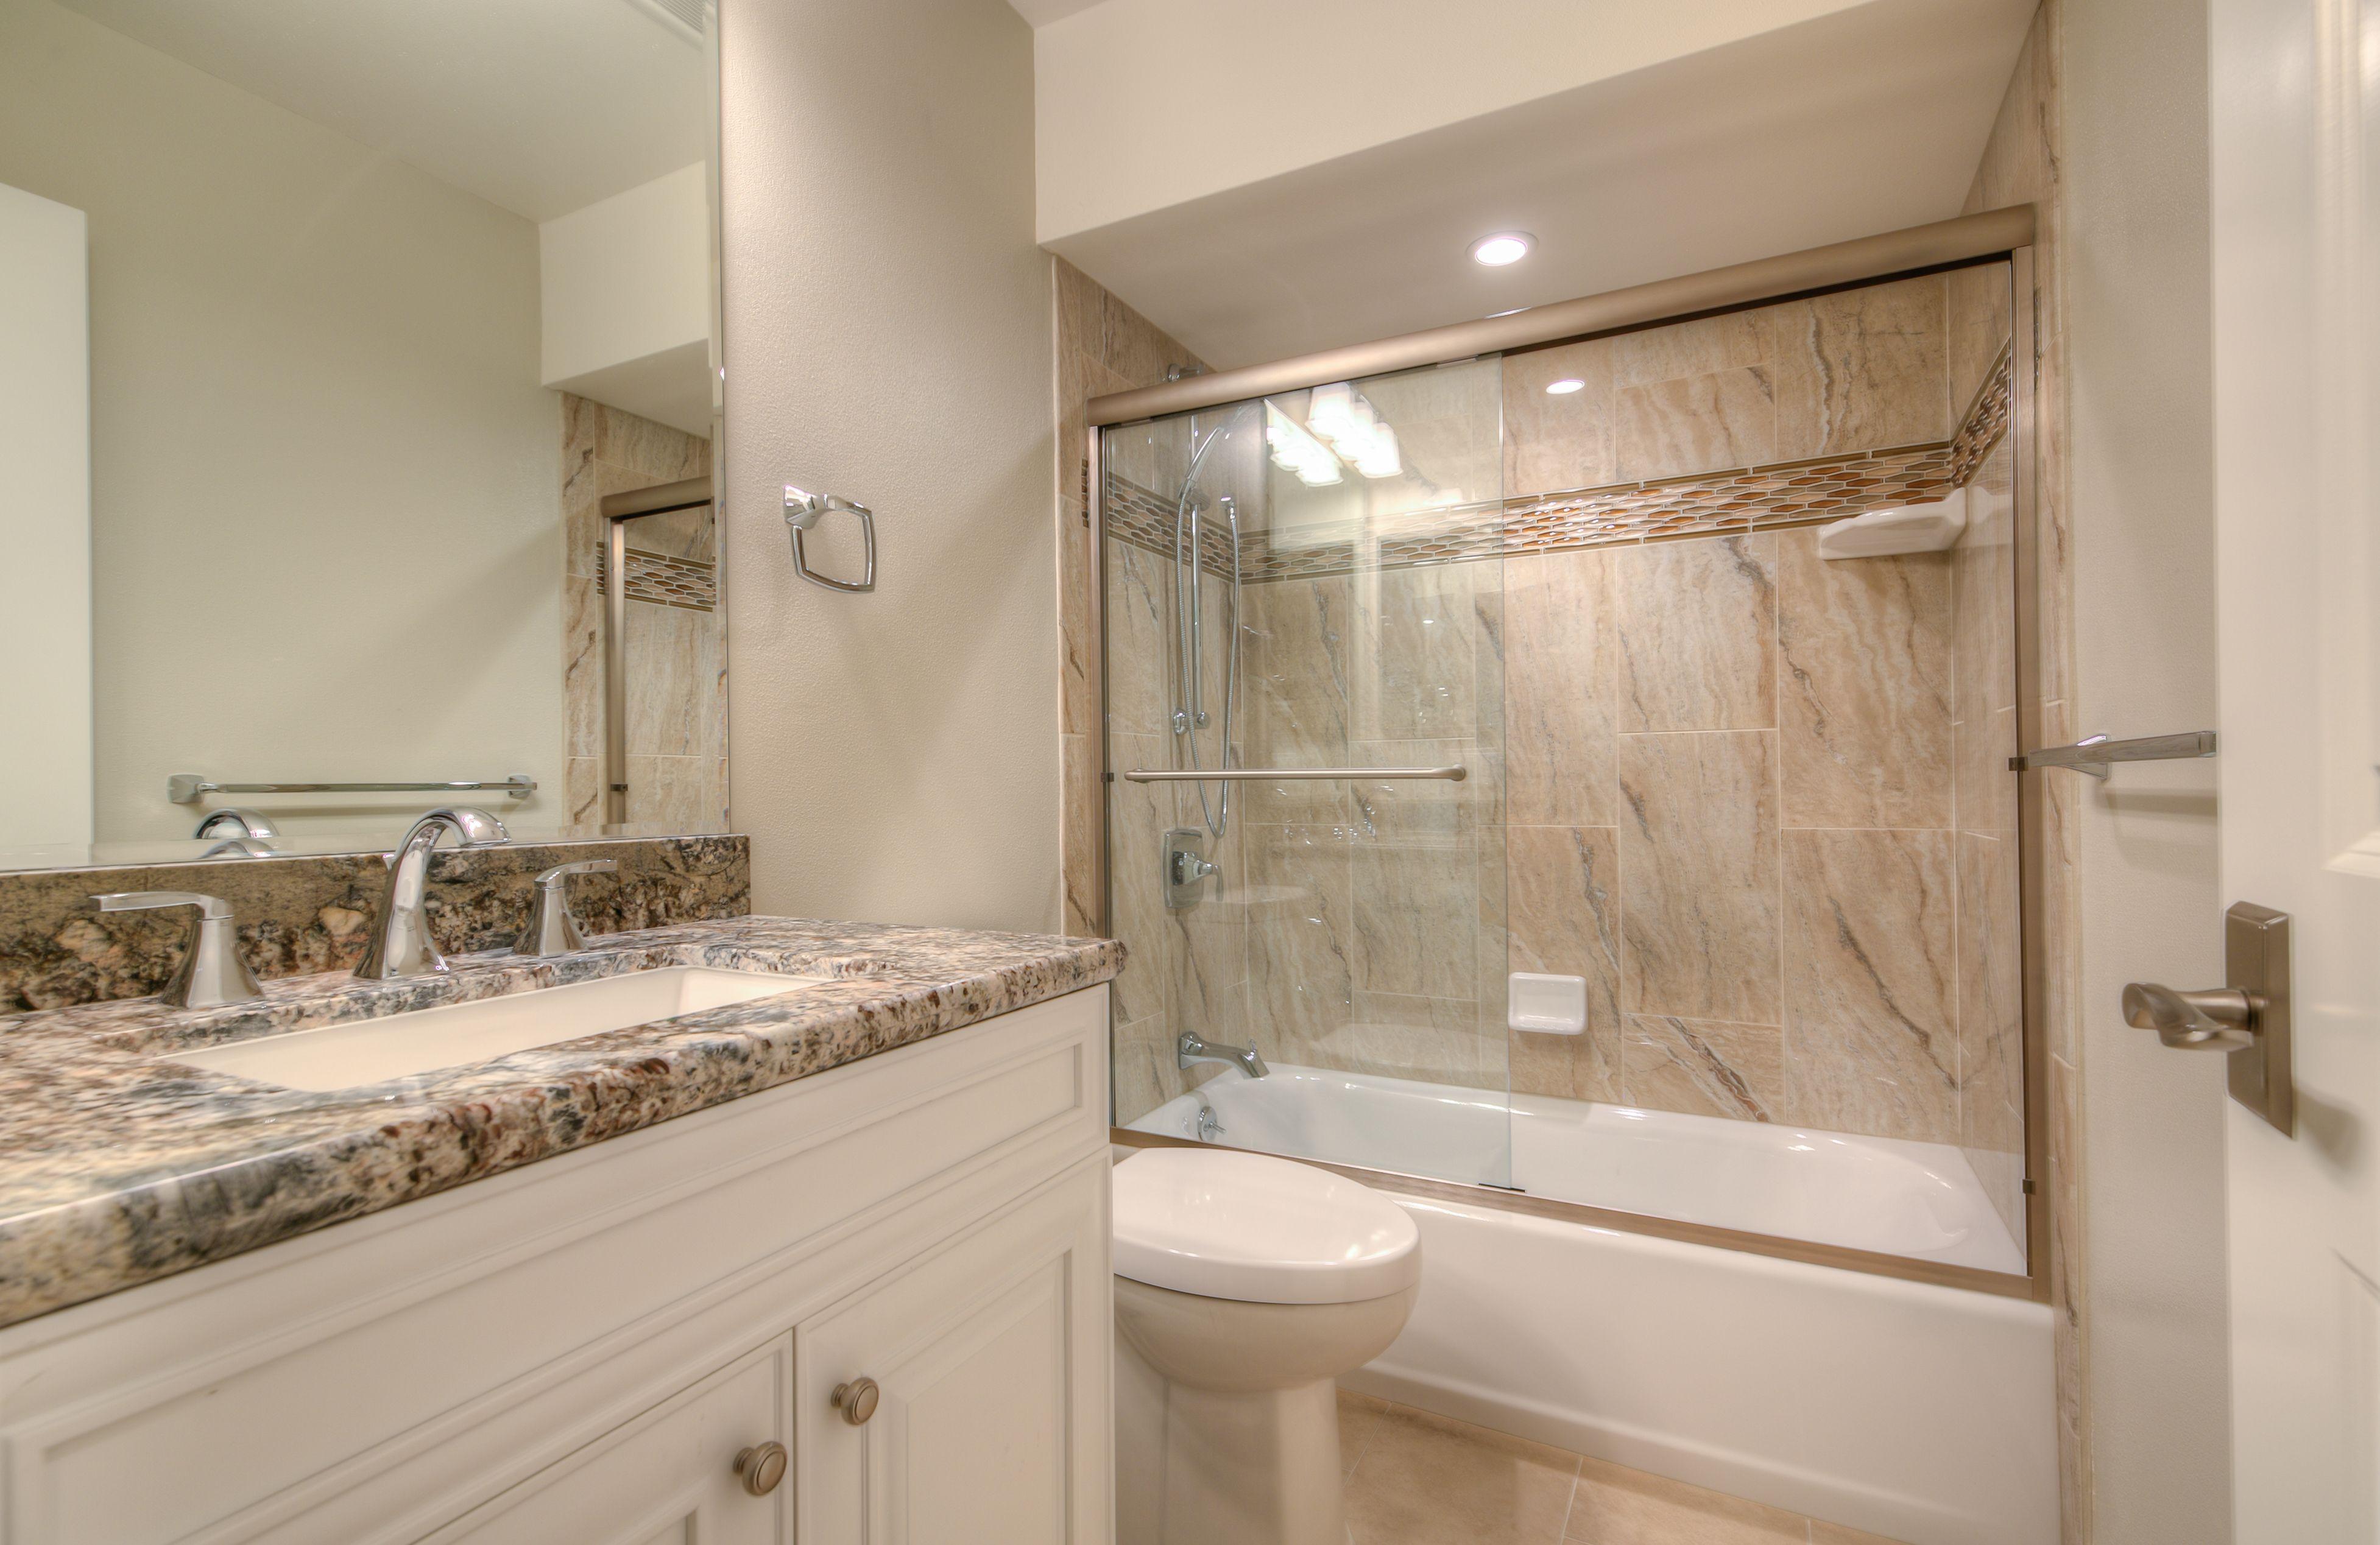 Bathroom Remodel San Francisco A Hampshire St San Francisco - Bathroom remodel walnut creek